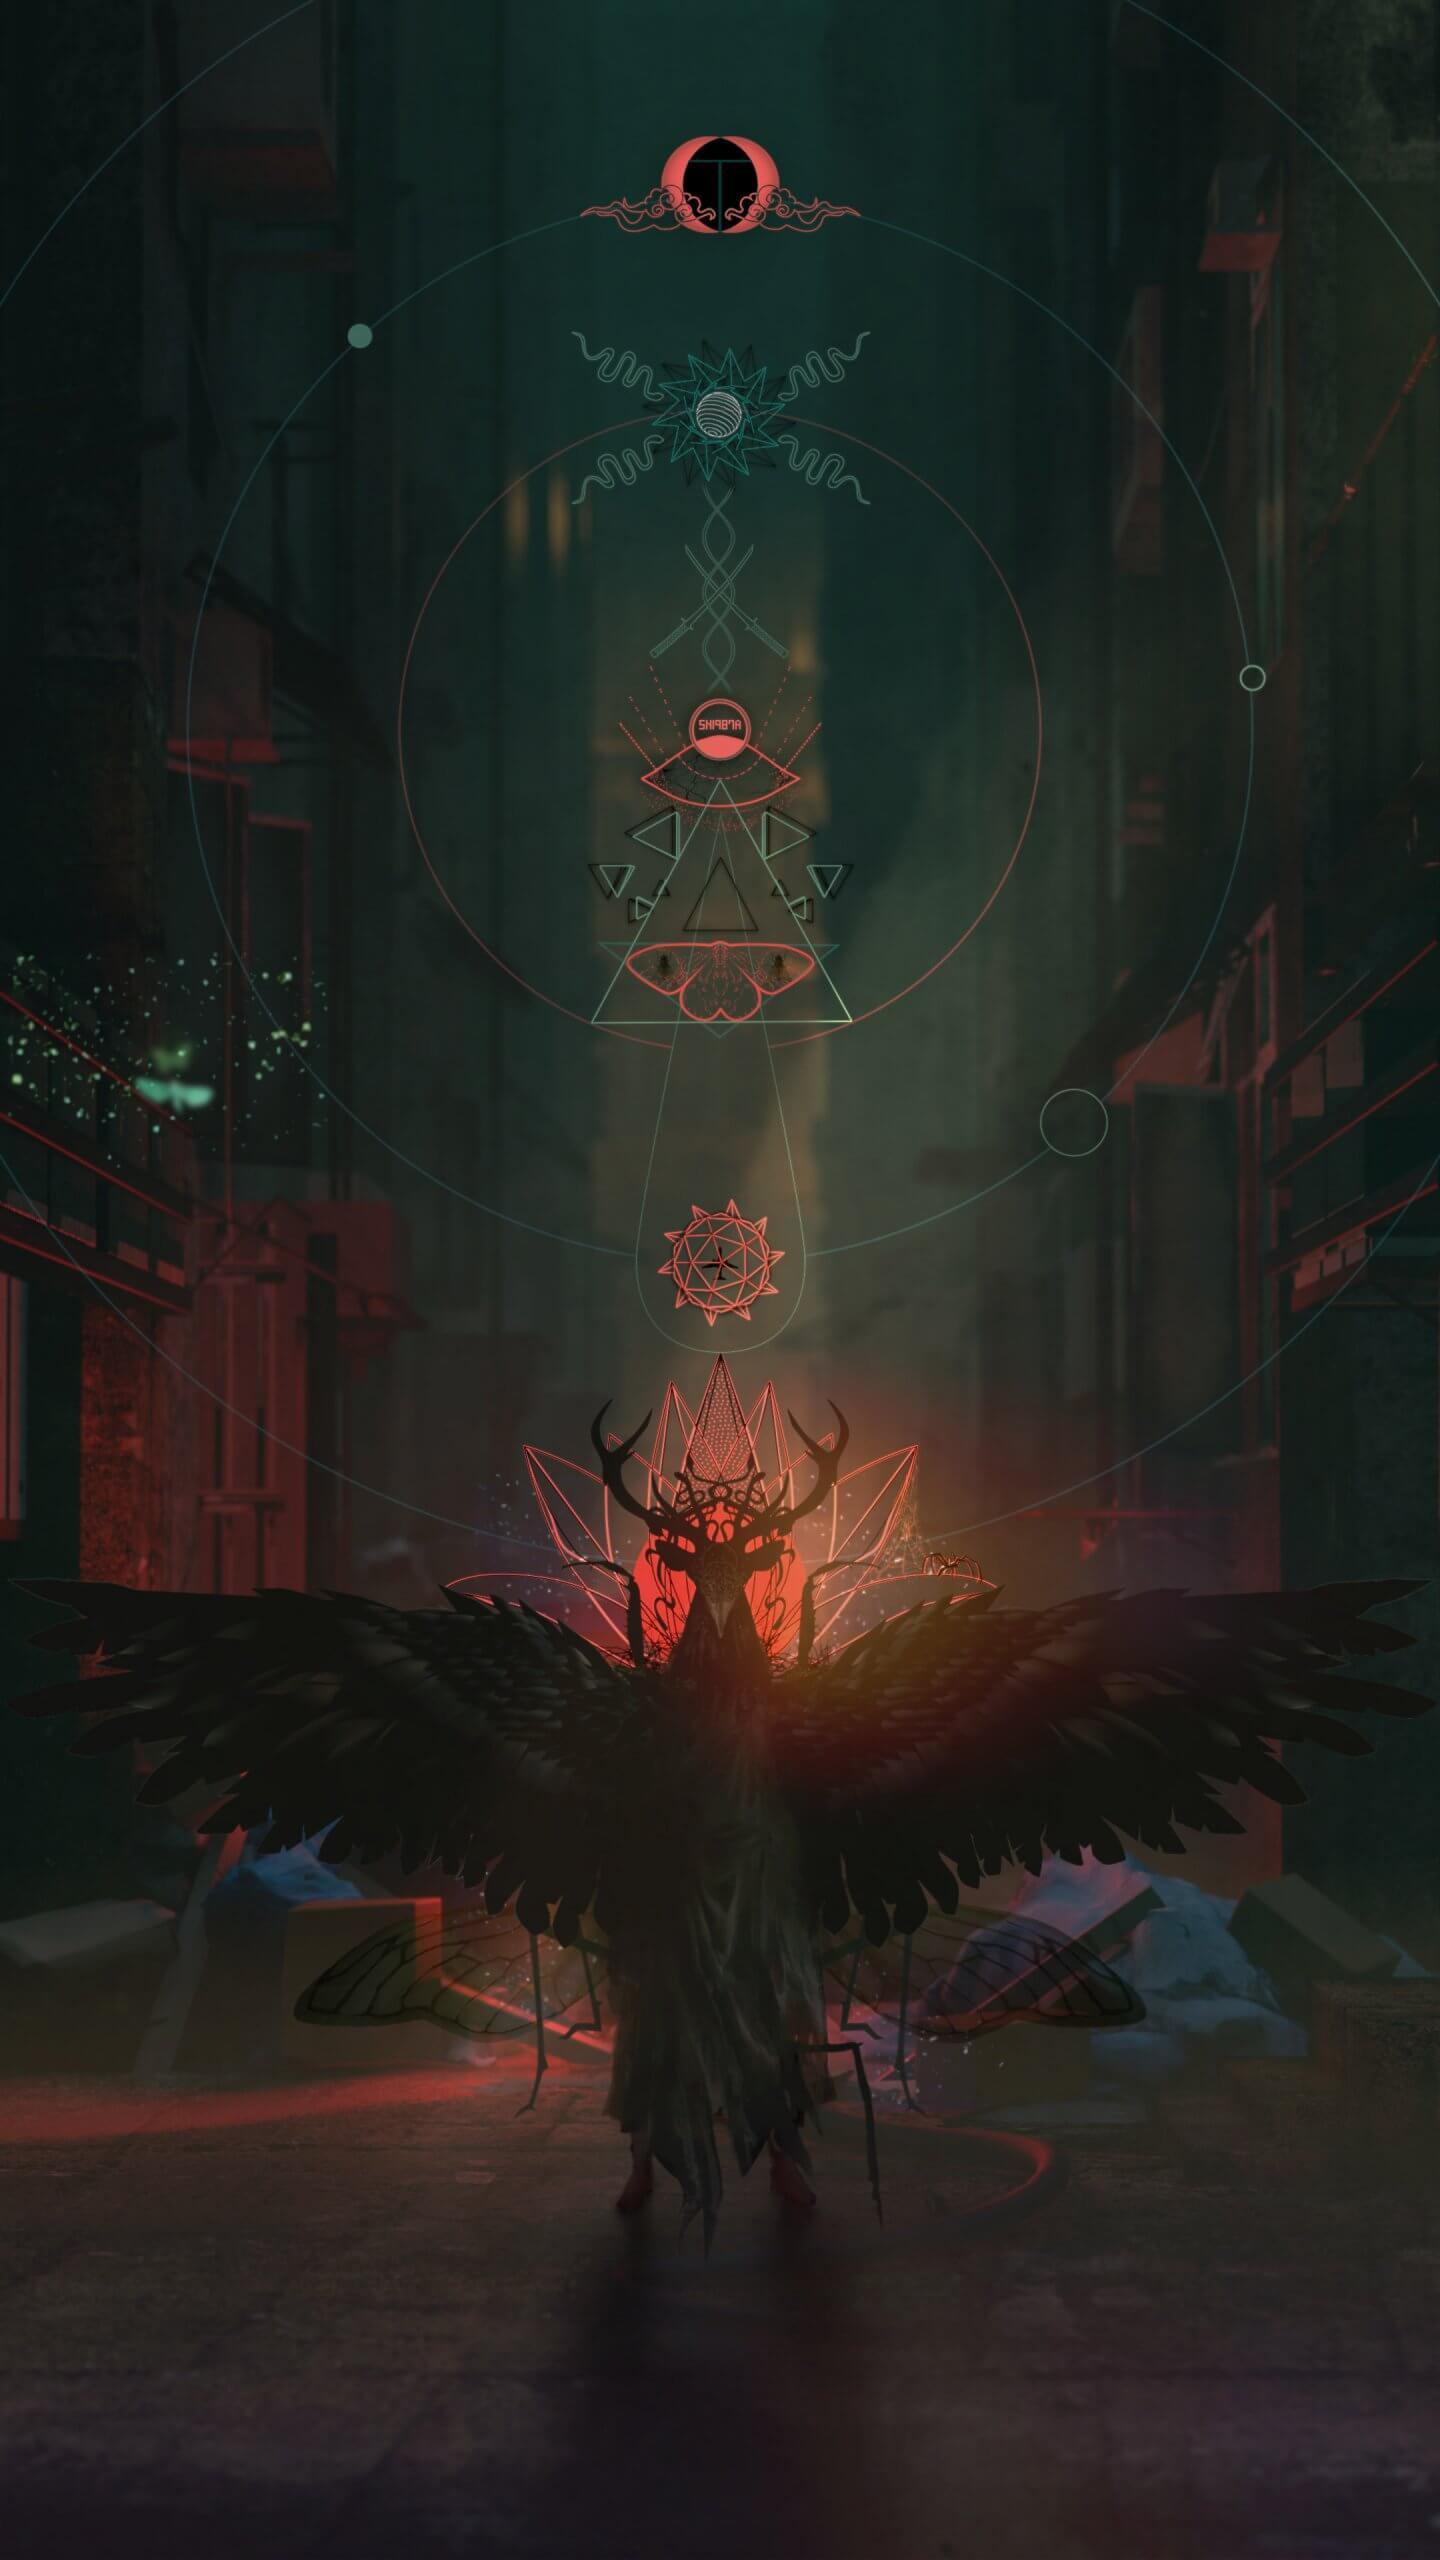 Silent Hill creator concept art